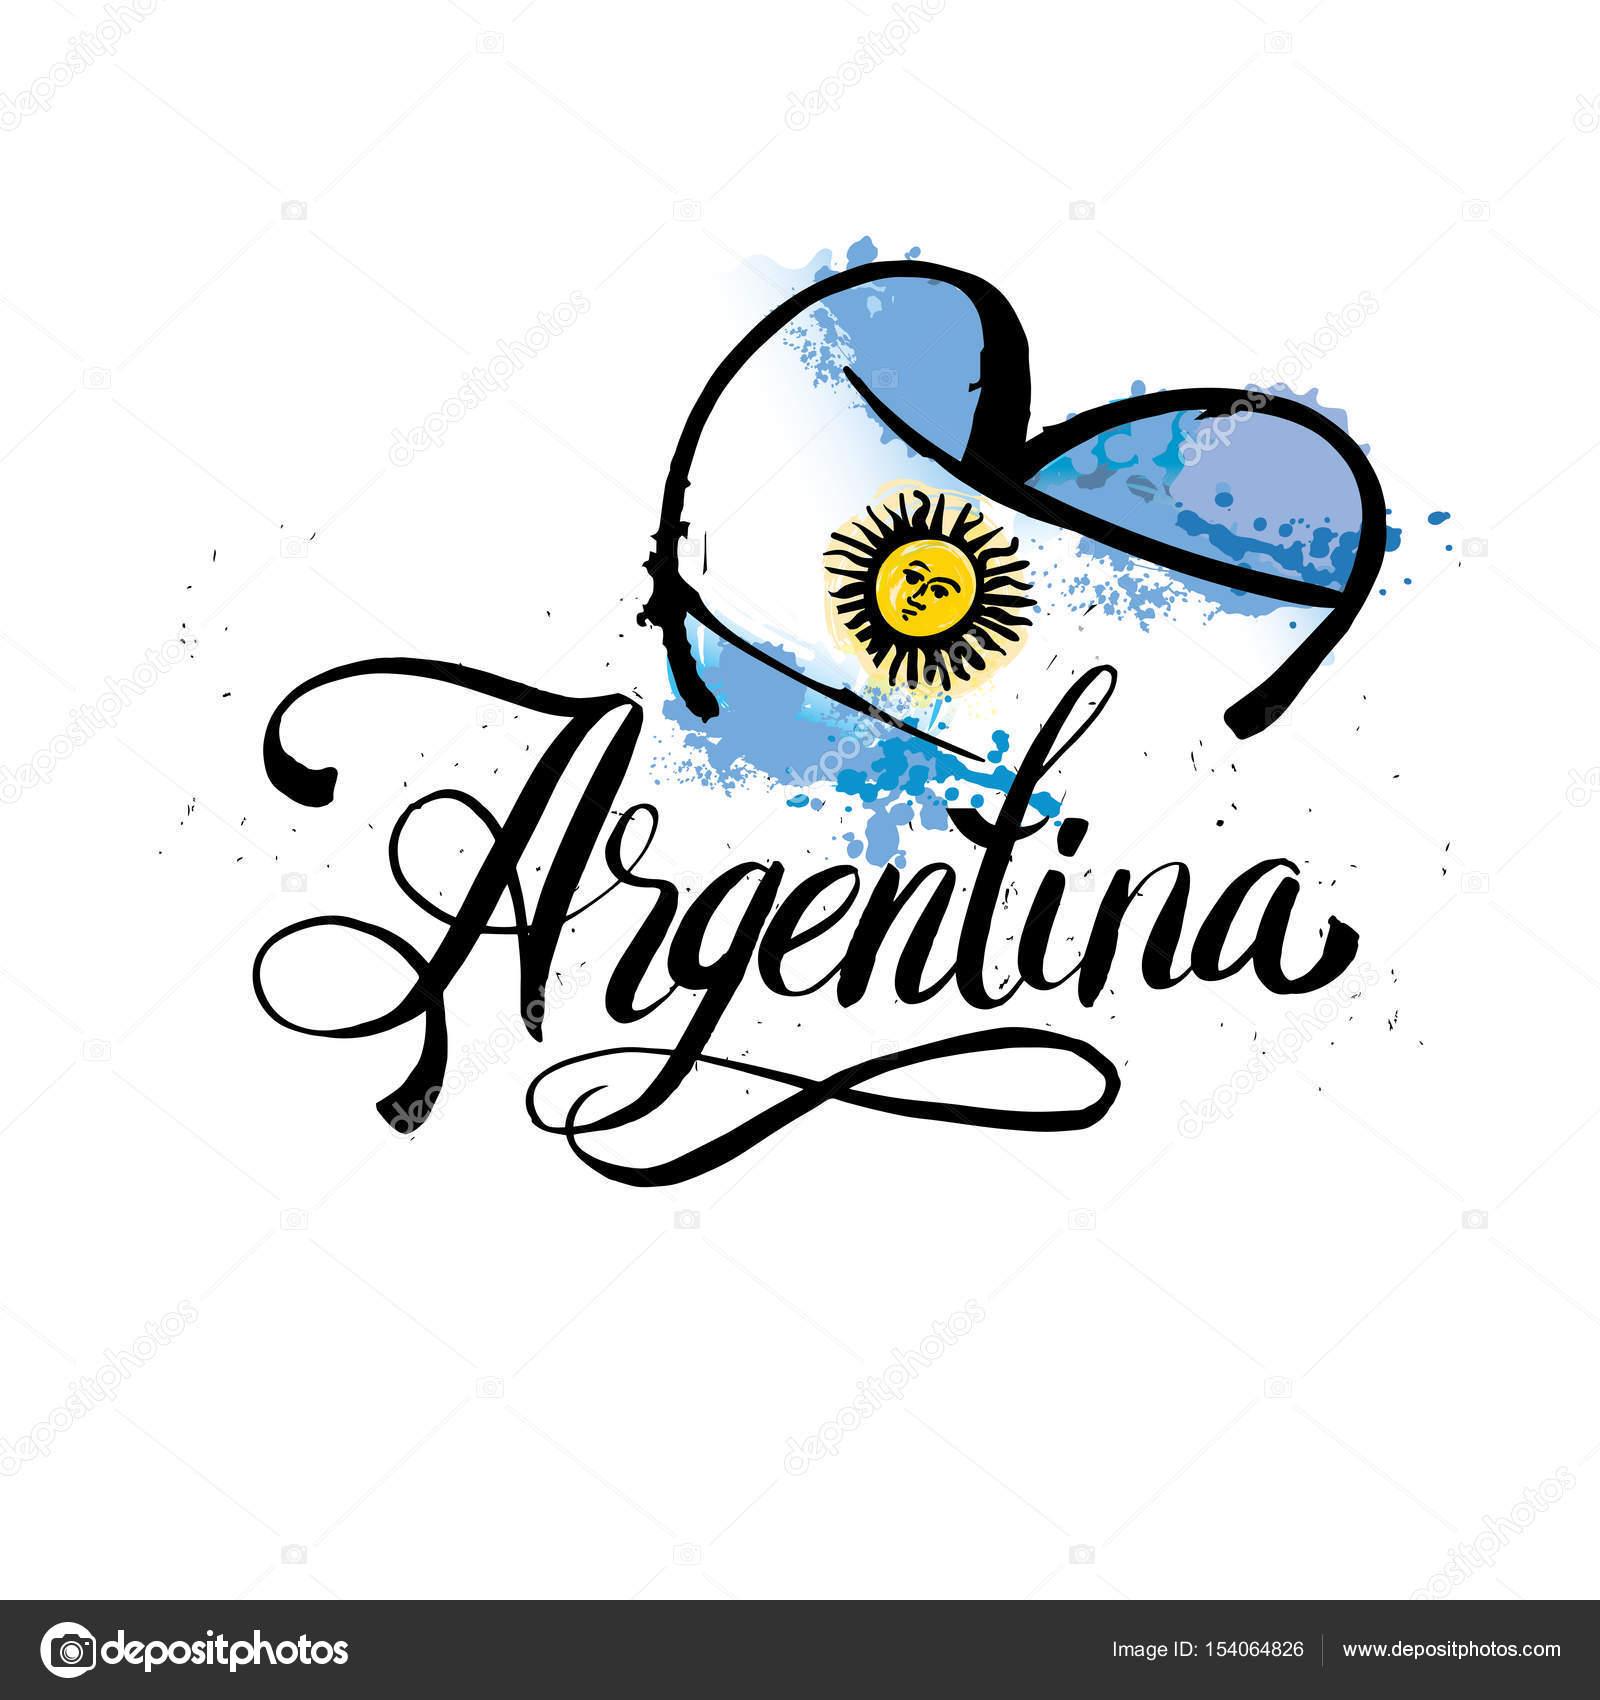 Imágenes Animadas Del Dia De La Bandera Argentina Tarjeta